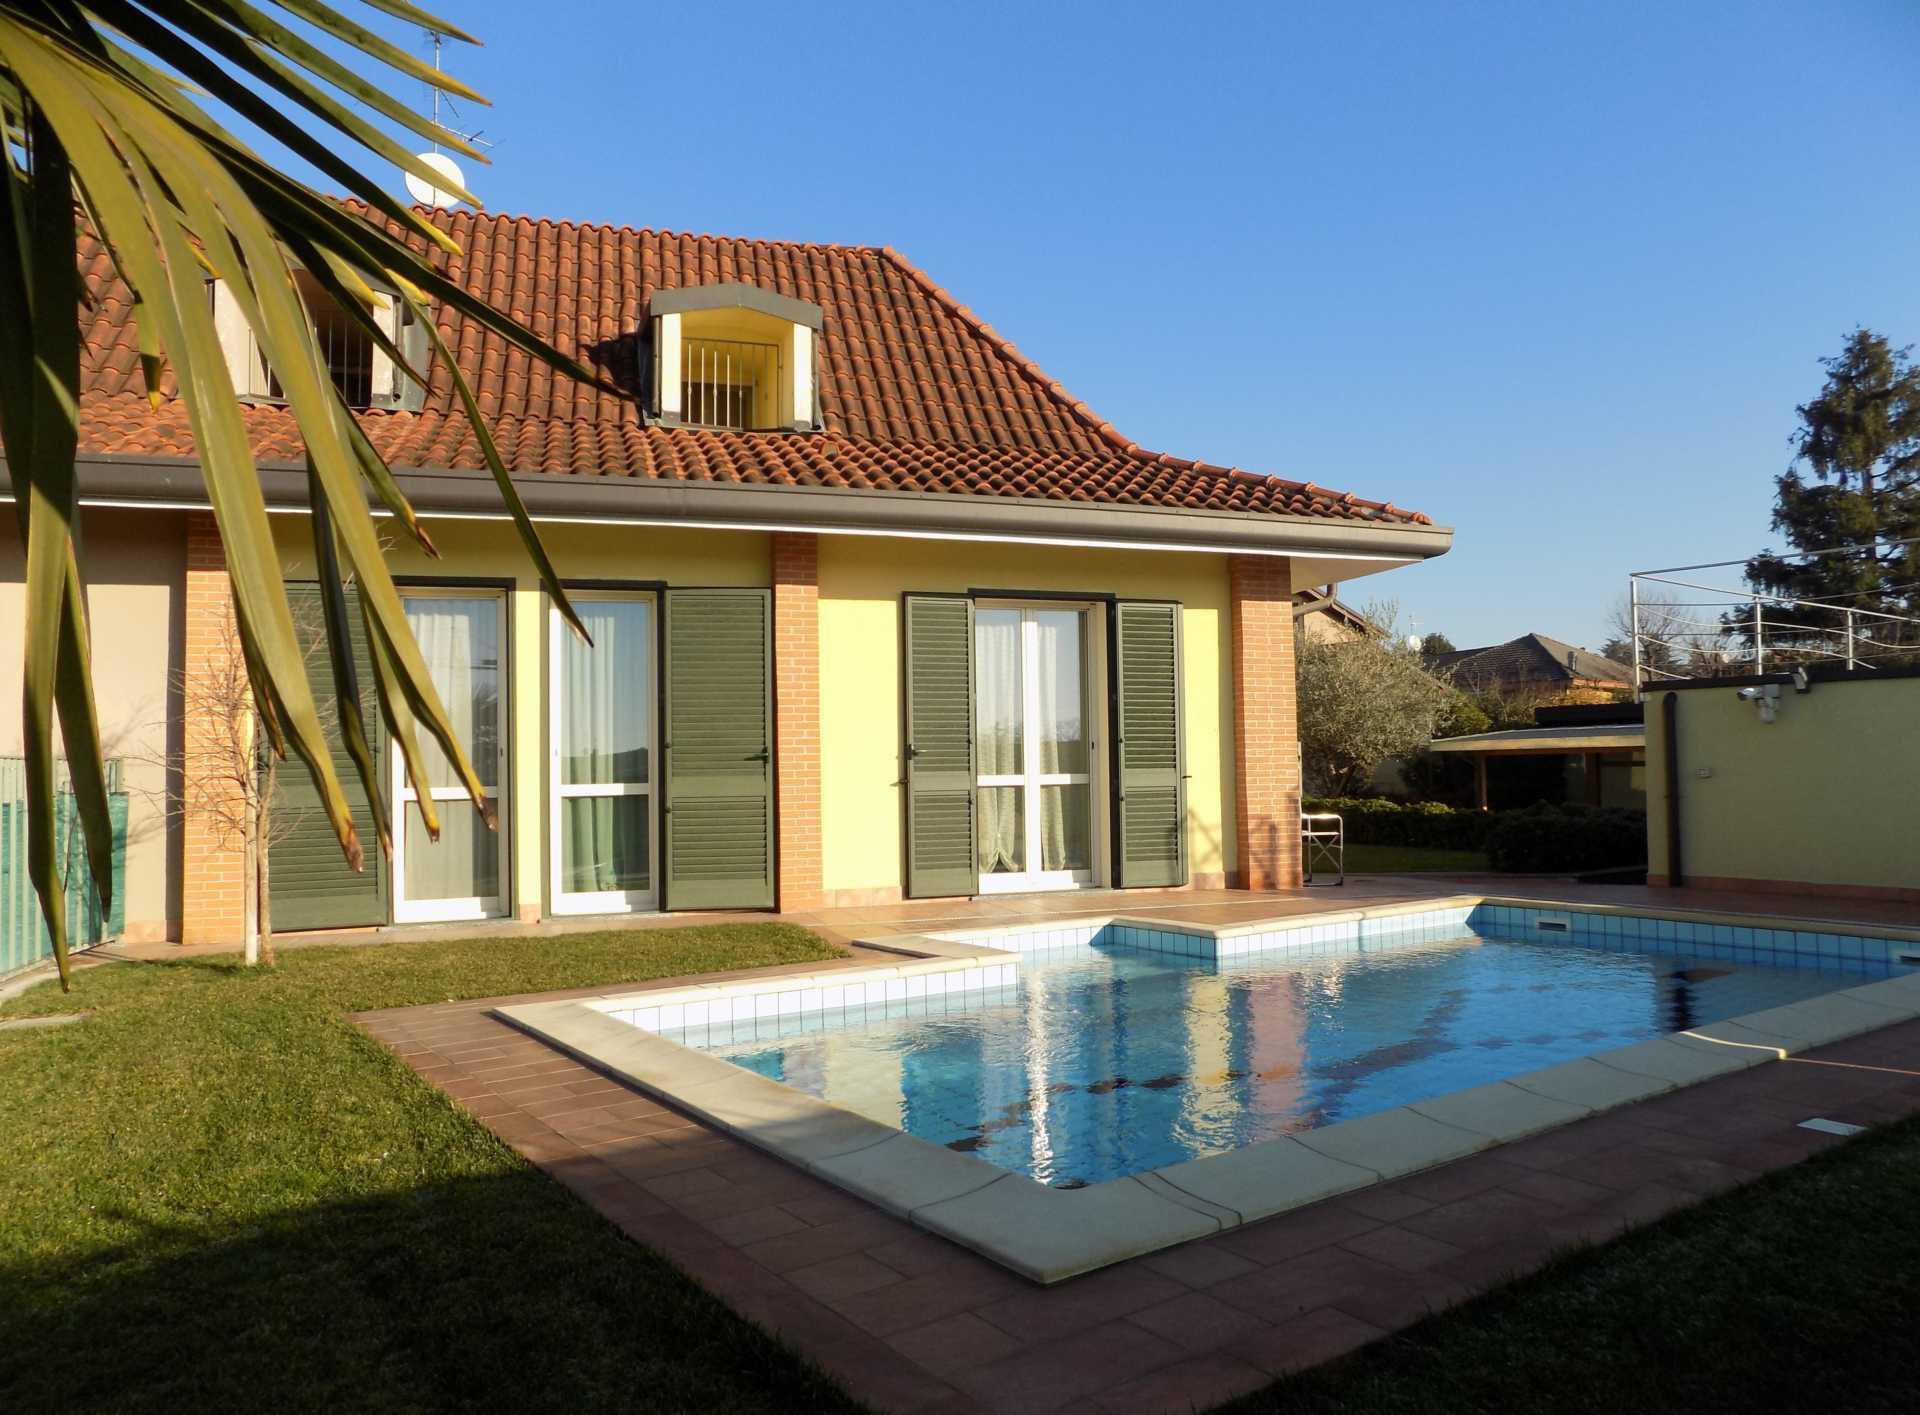 Cavenago di Brianza villa con piscina in vendita (4)